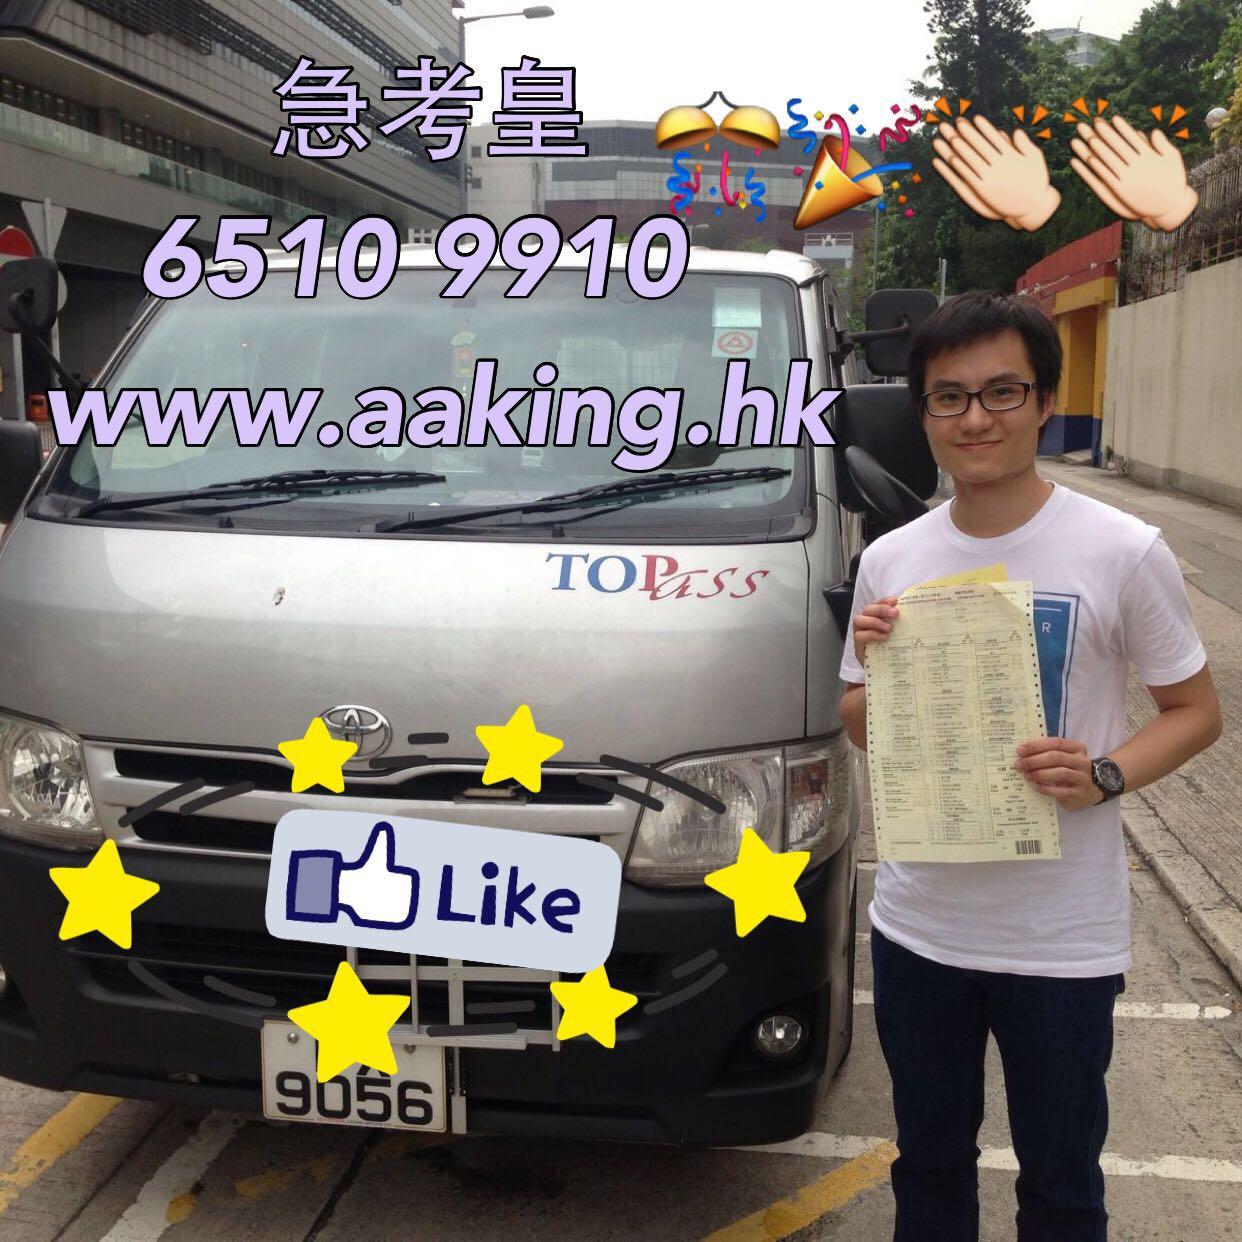 偉傑 28Apr2016 澤安貨車